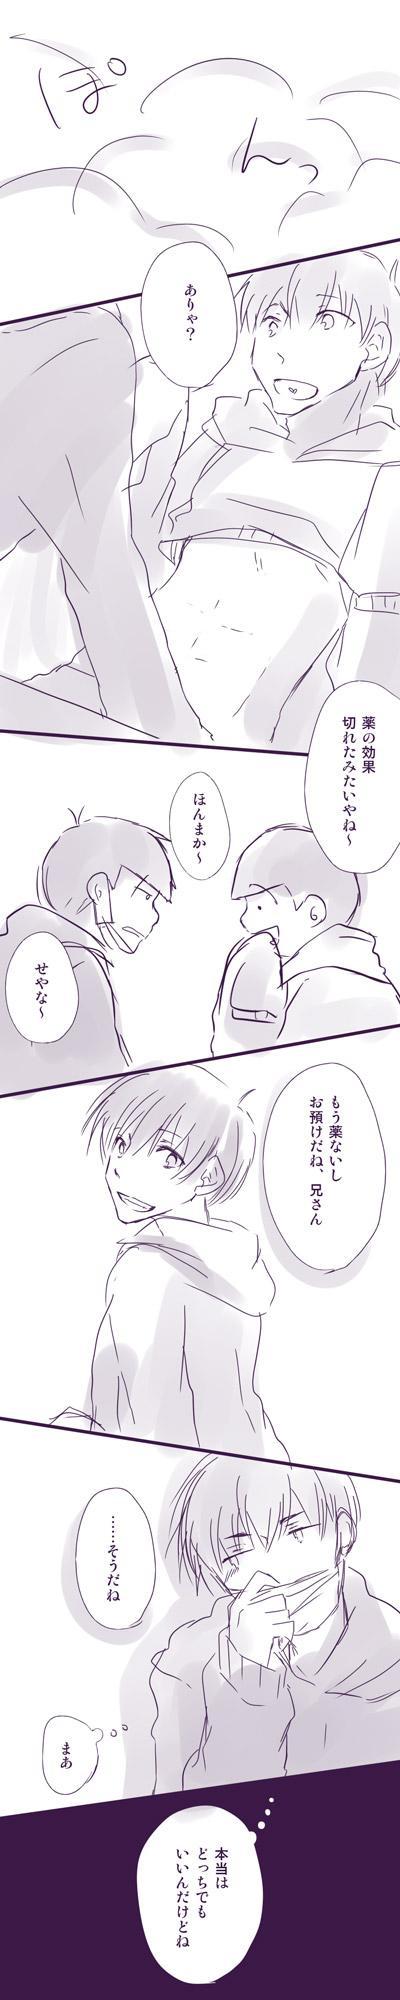 [Souko] Ichimatsu Nii-san to Juushimatsu-chan ♀ (Osomatsu-san) 4